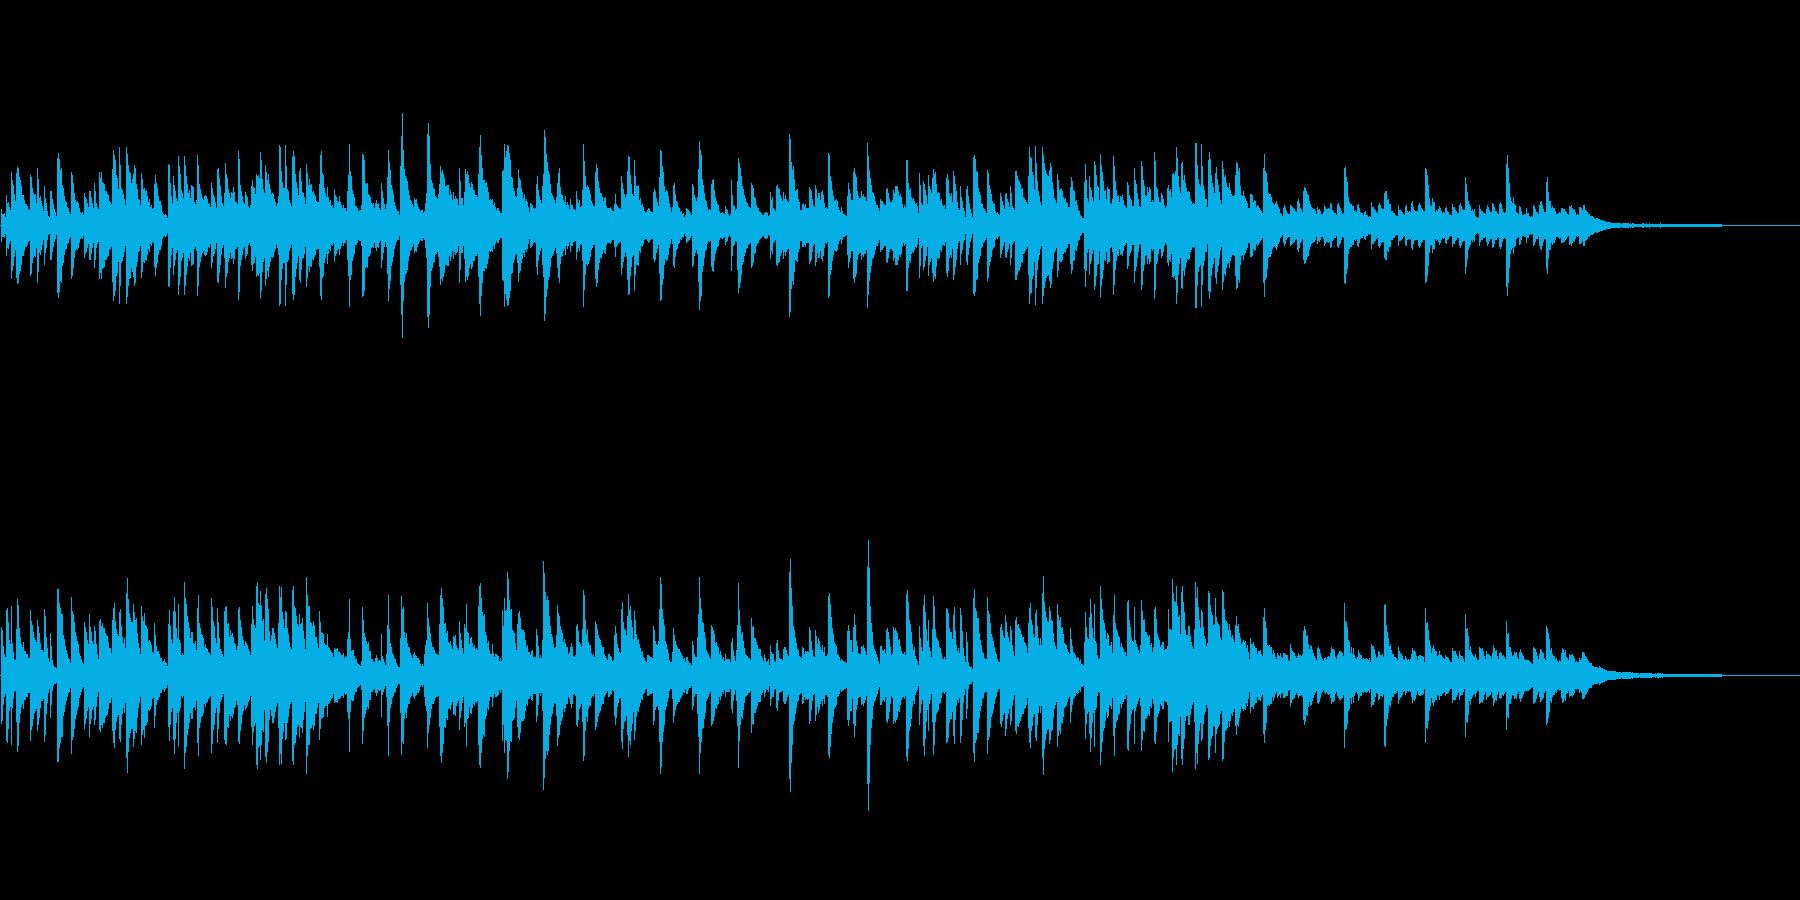 しっとり・せつない・ピアノ・インスト曲の再生済みの波形